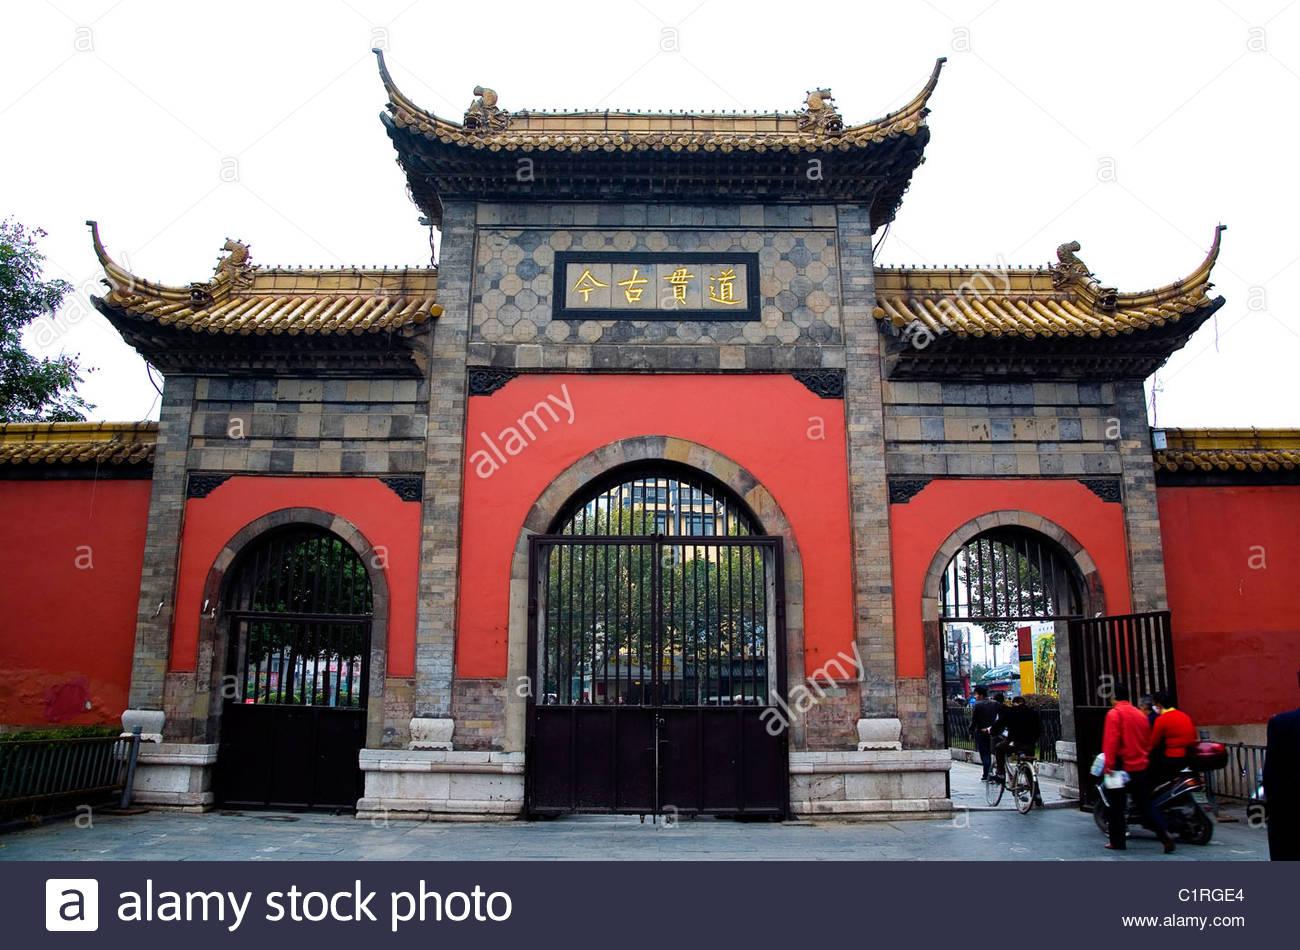 Chaotian Palace, Nanjing Municipal Museum, Nanjing, Jiangsu.